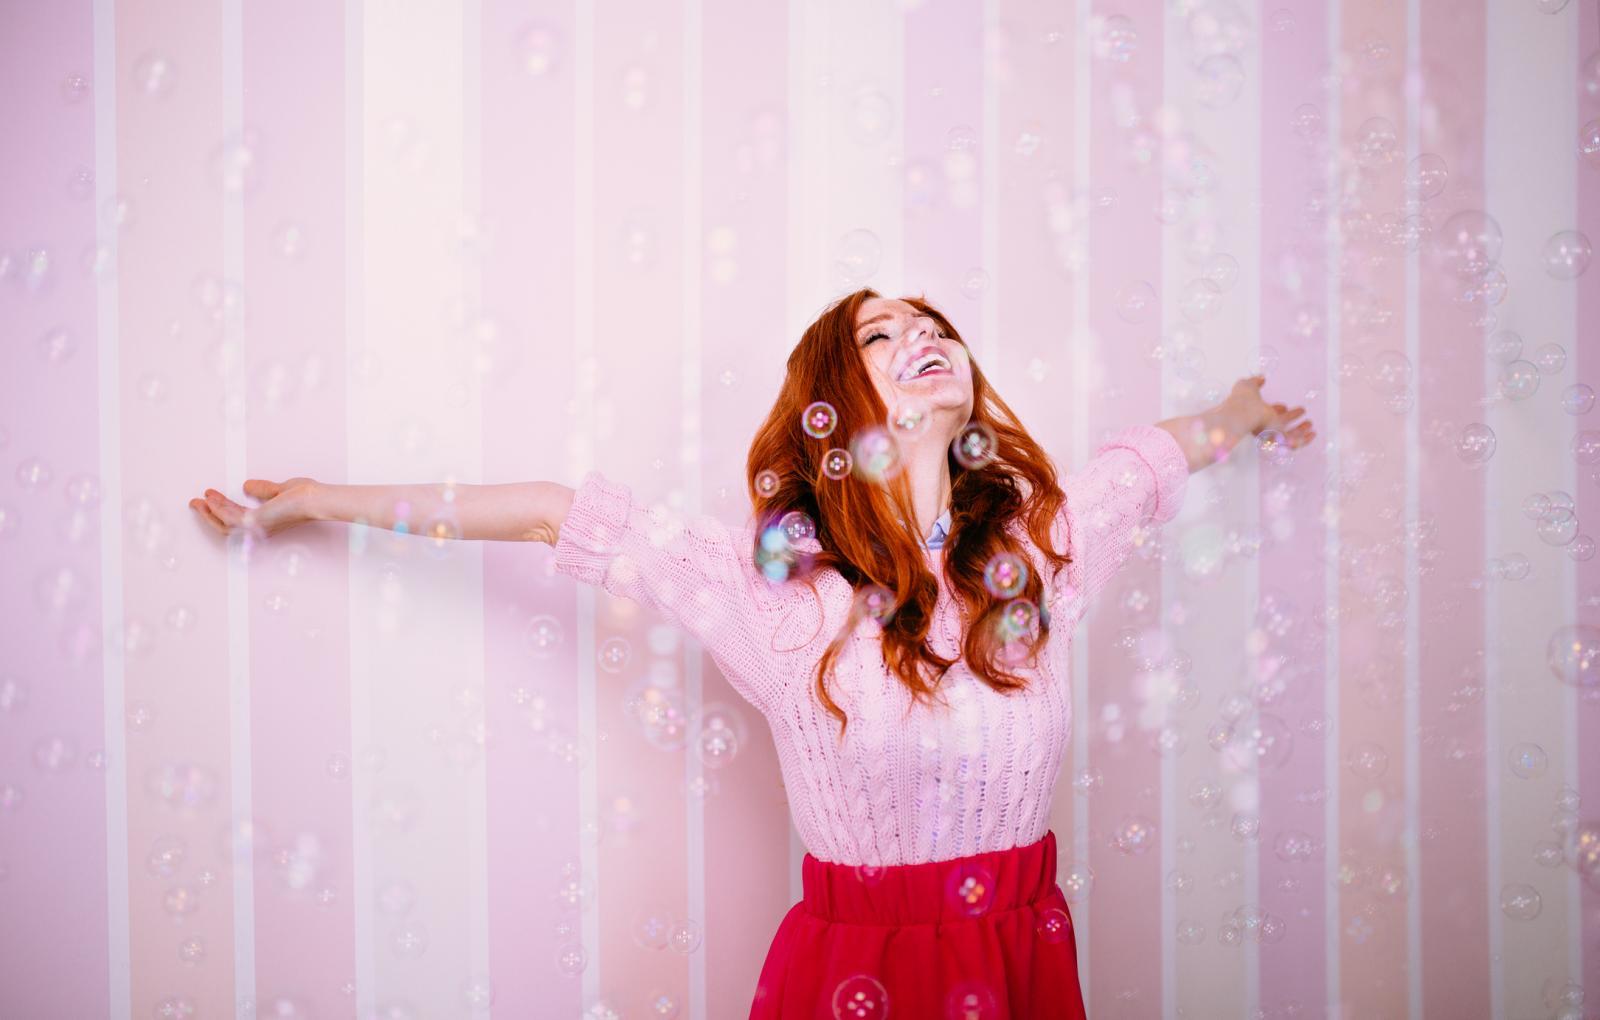 Idite za onim što čini da vam srce 'pjeva' i što vas energetski 'puni'.